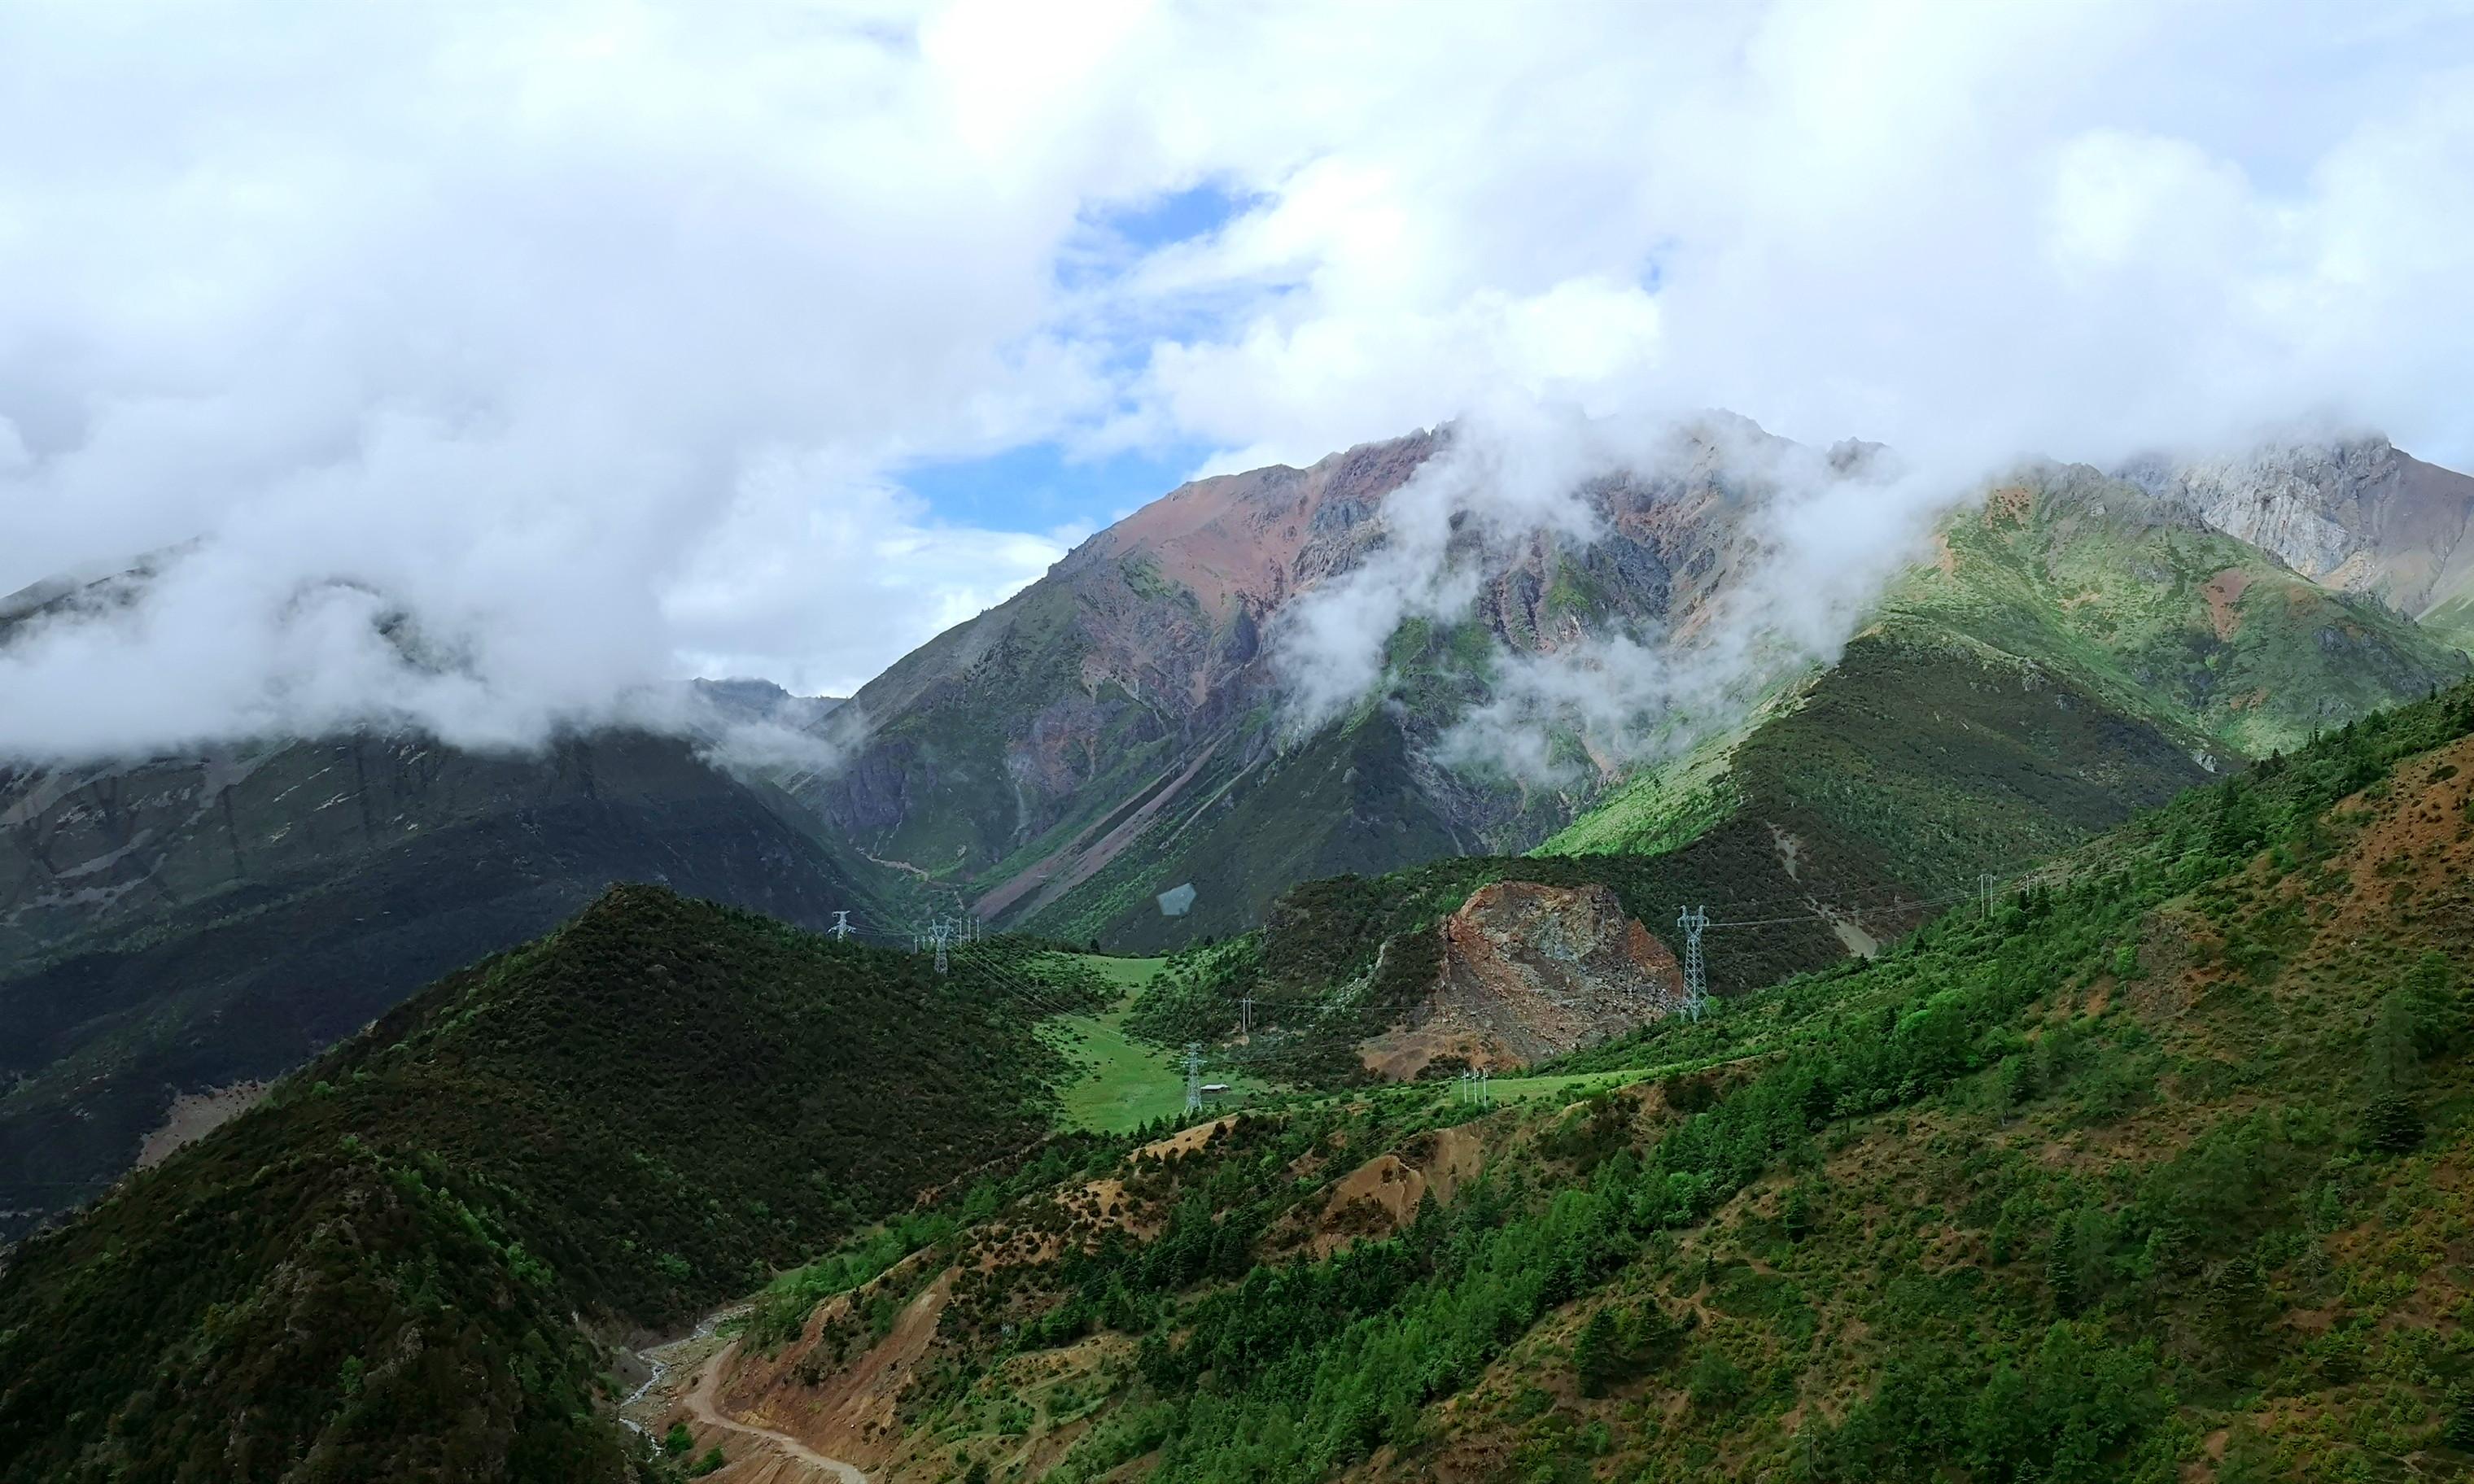 【行在迪庆】雾里看青山